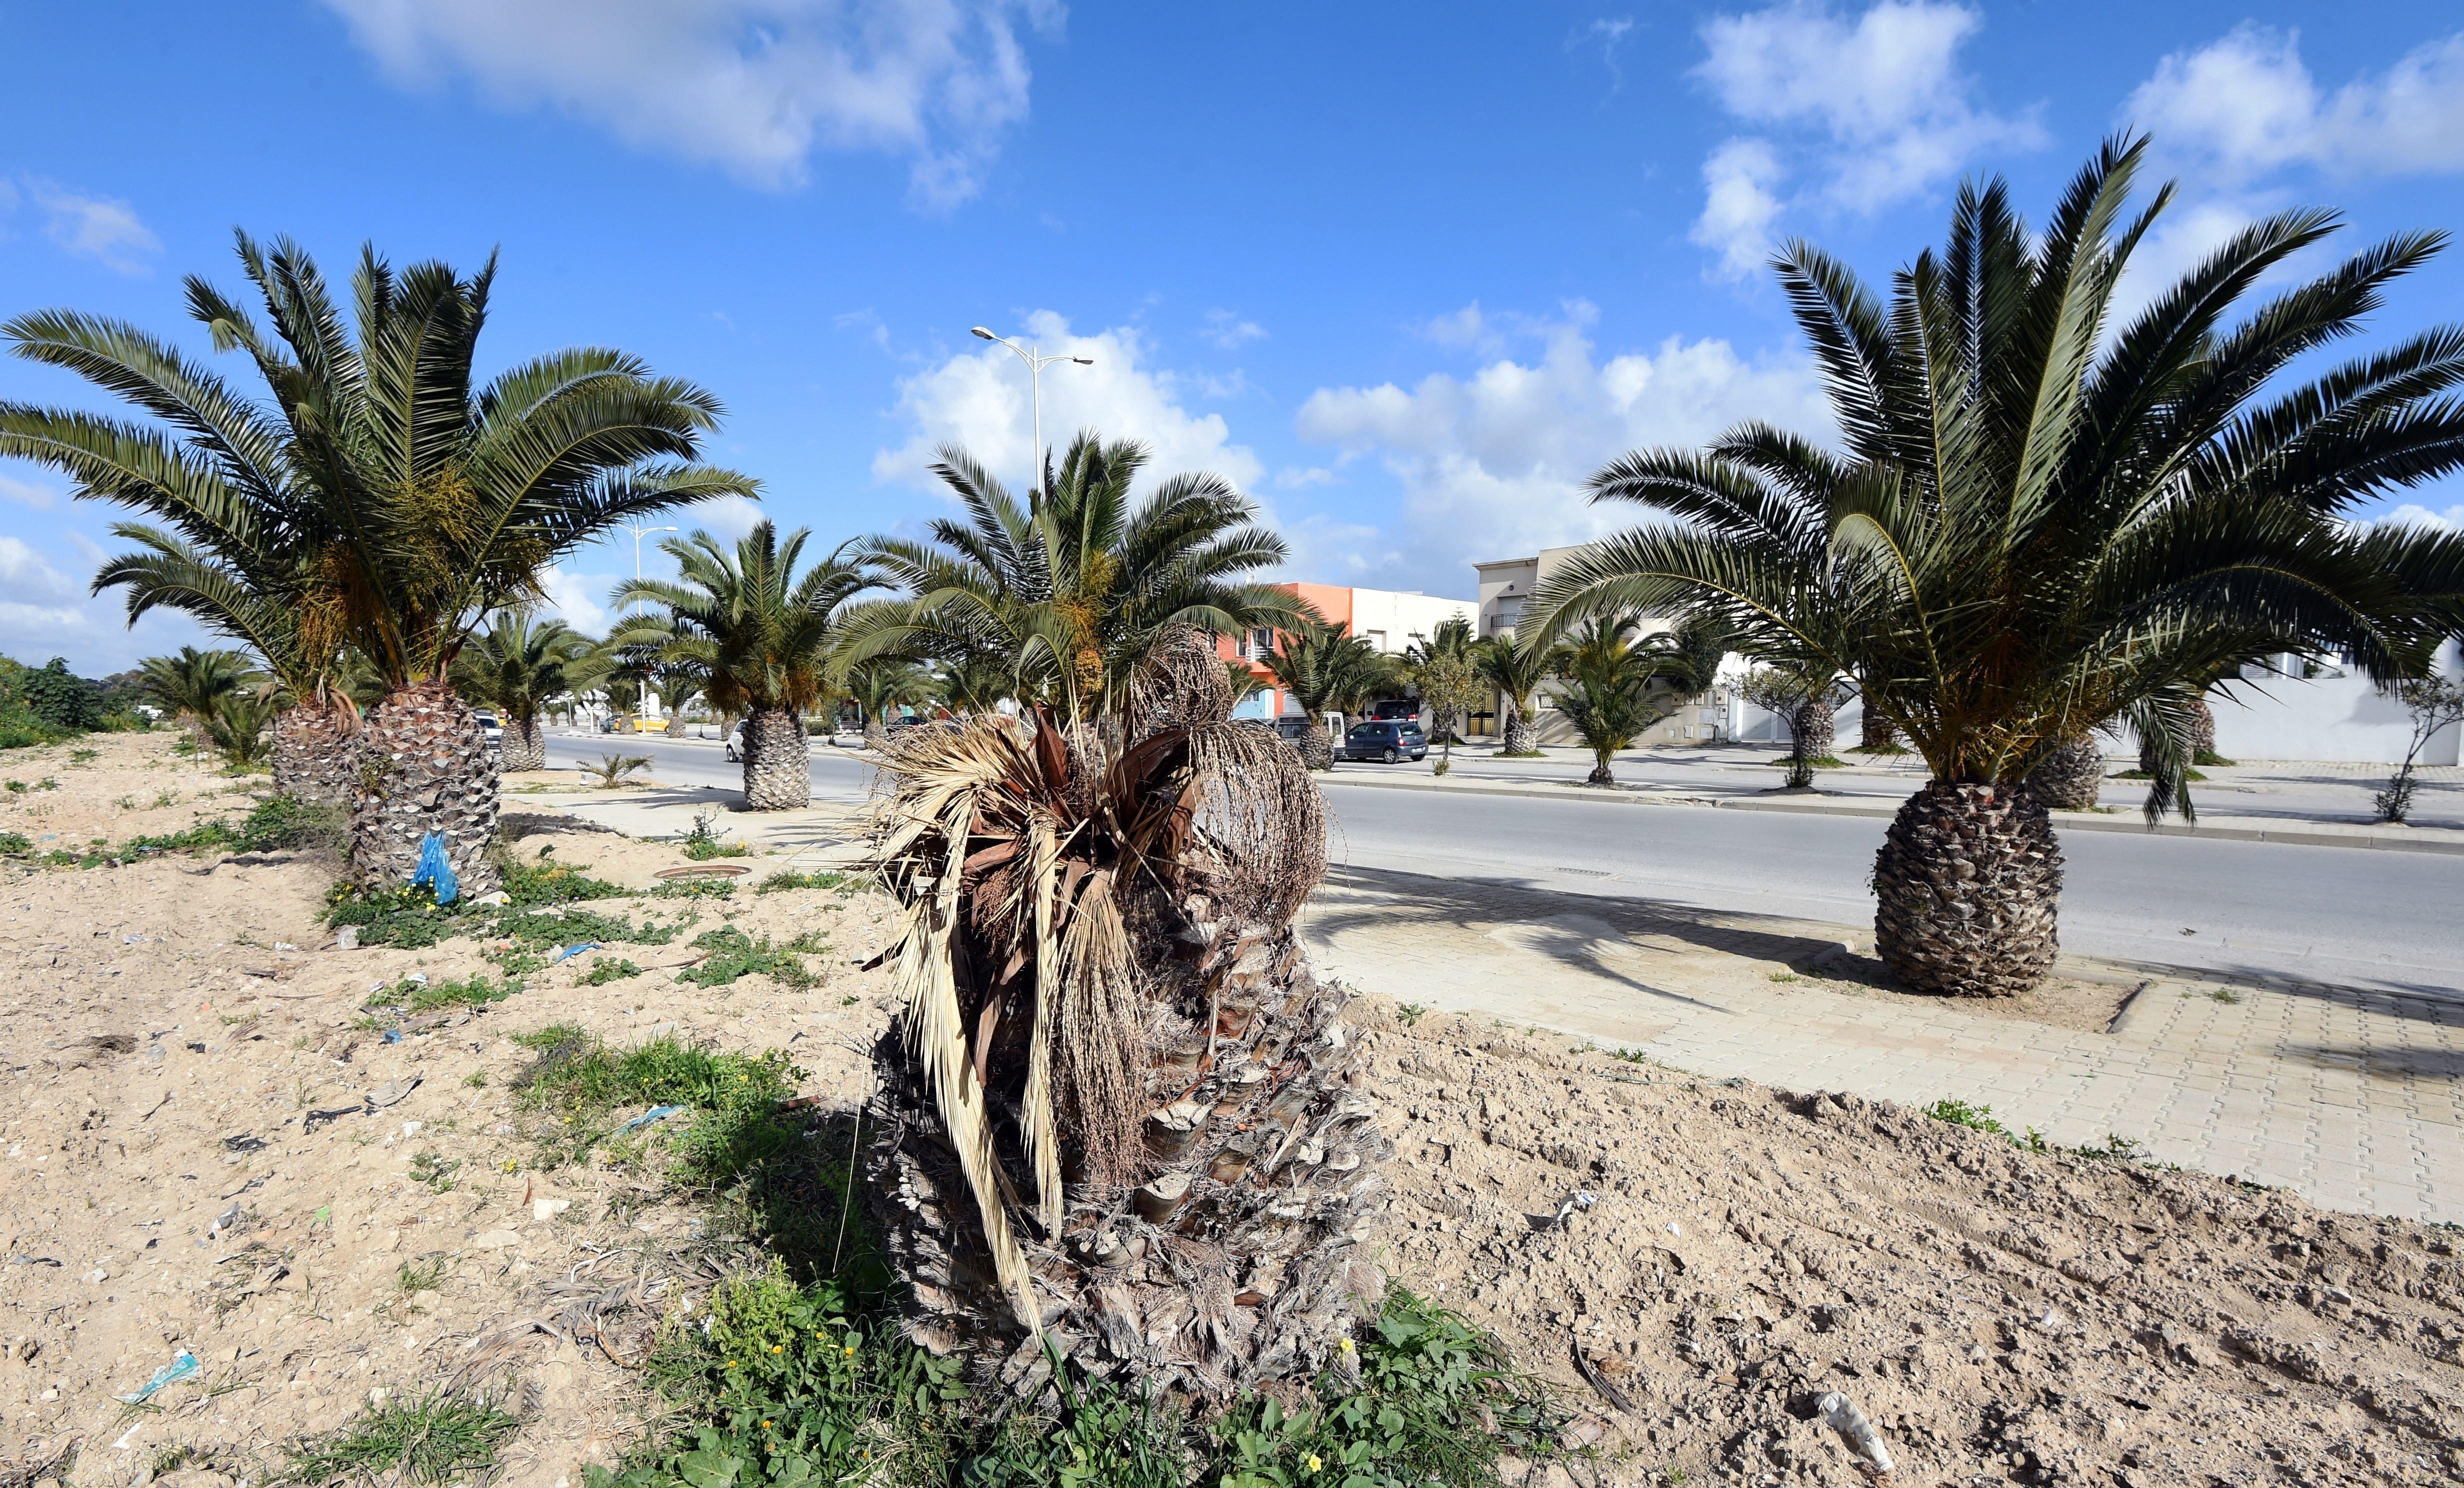 L'éradiction du charançon rouge est quasiment impossible dans la zone méditerranéenne selon